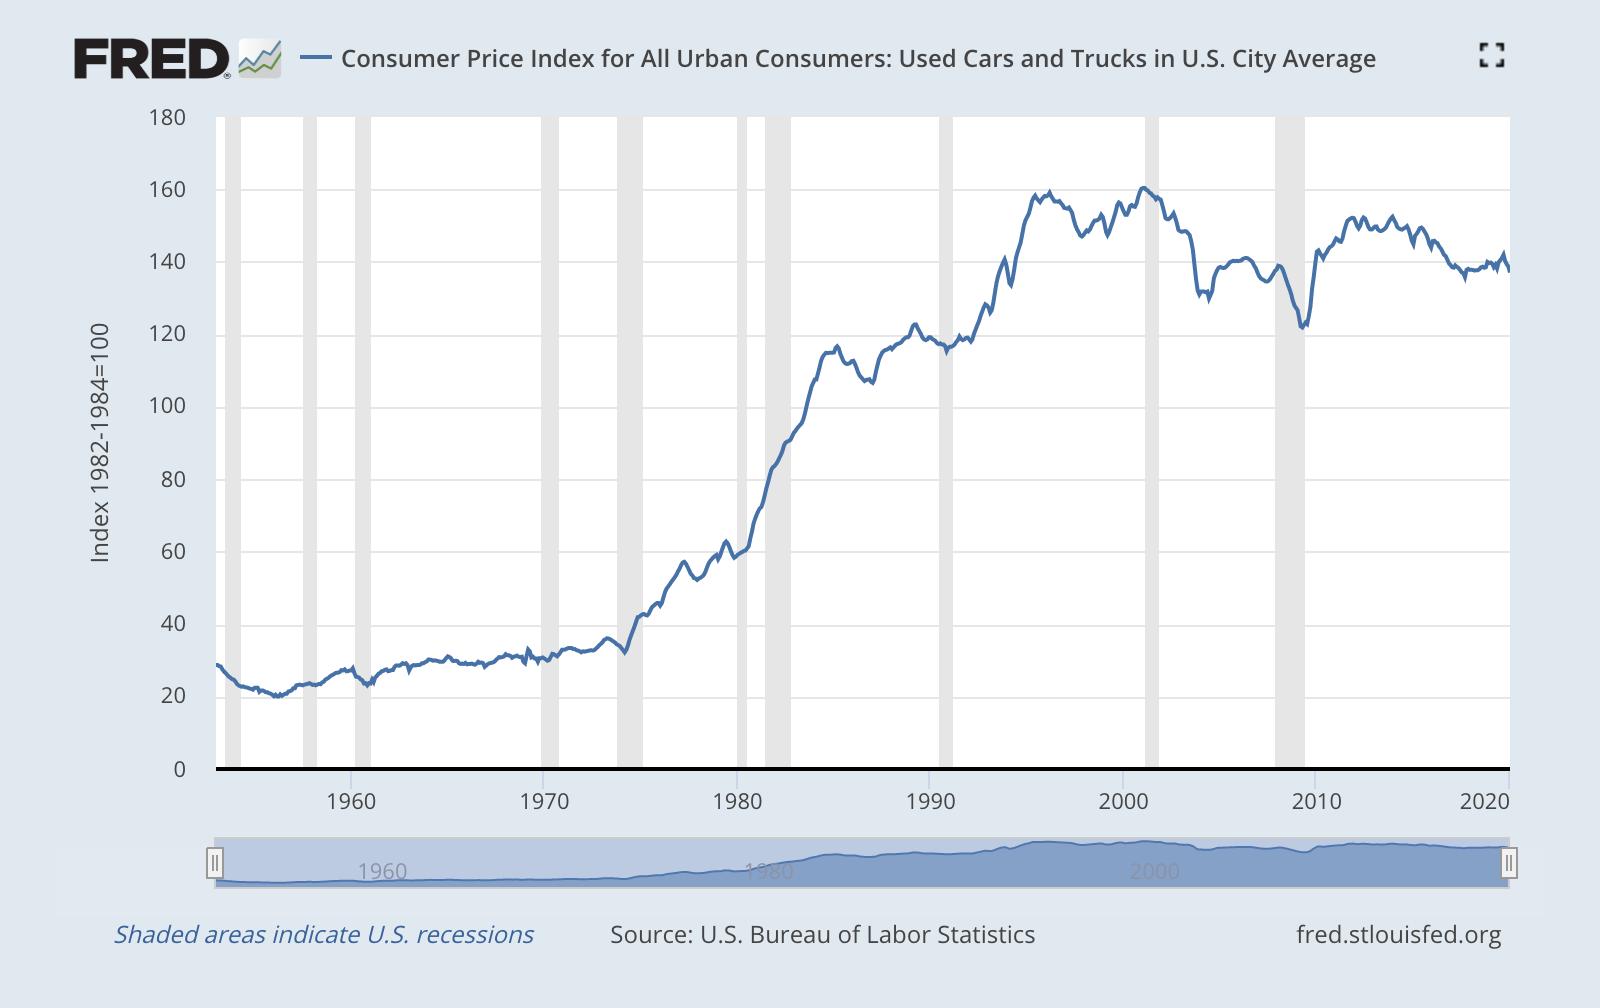 Индекс потребительских цен на б/у машины и грузовики в американских городах. Источник: ФРС